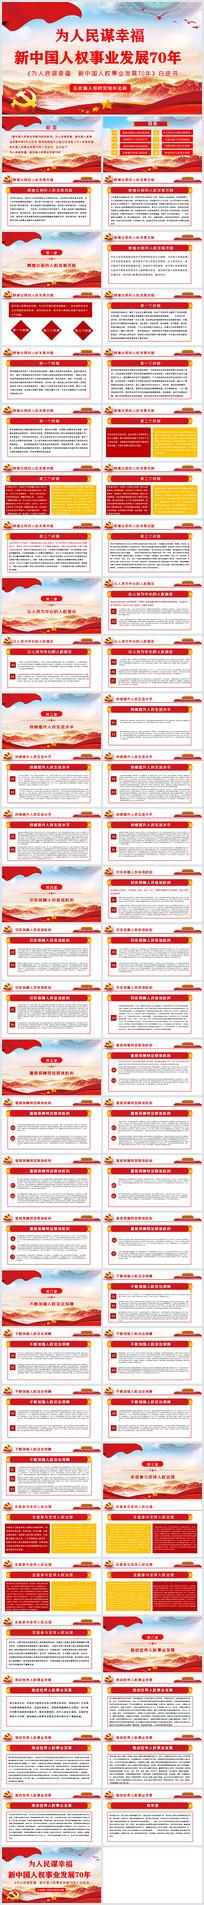 新中国人权事业发展70年白皮书党课PPT